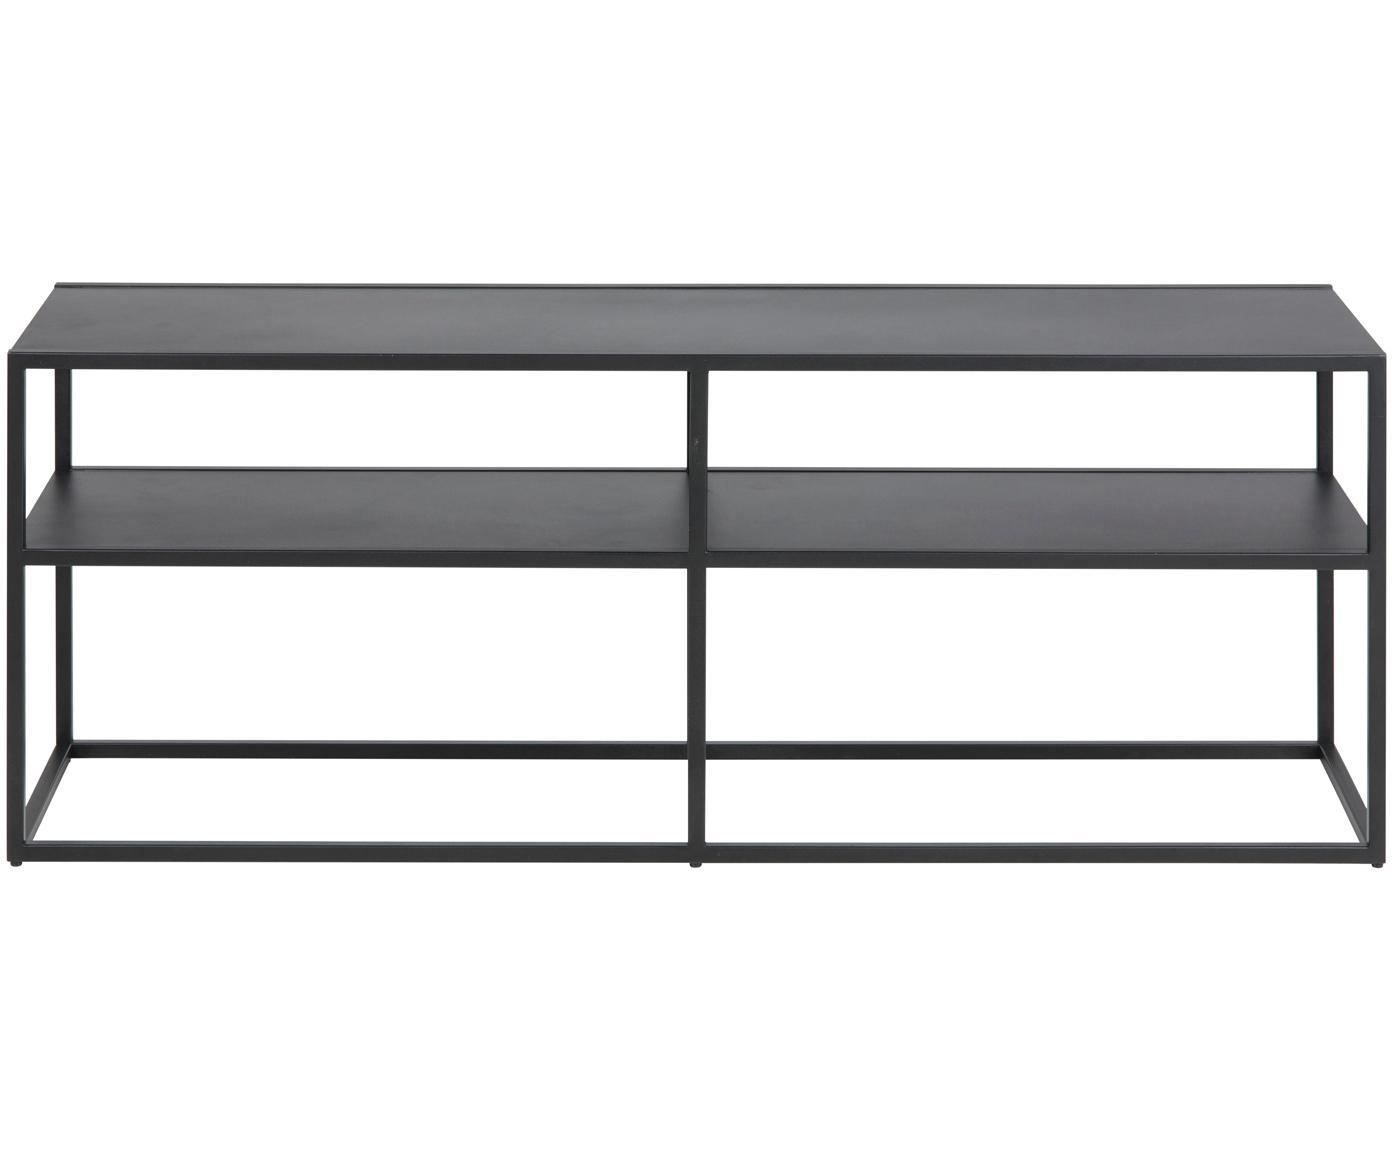 Szafka niska z metalu Newton, Metal malowany proszkowo, Czarny, S 120 x W 46 cm